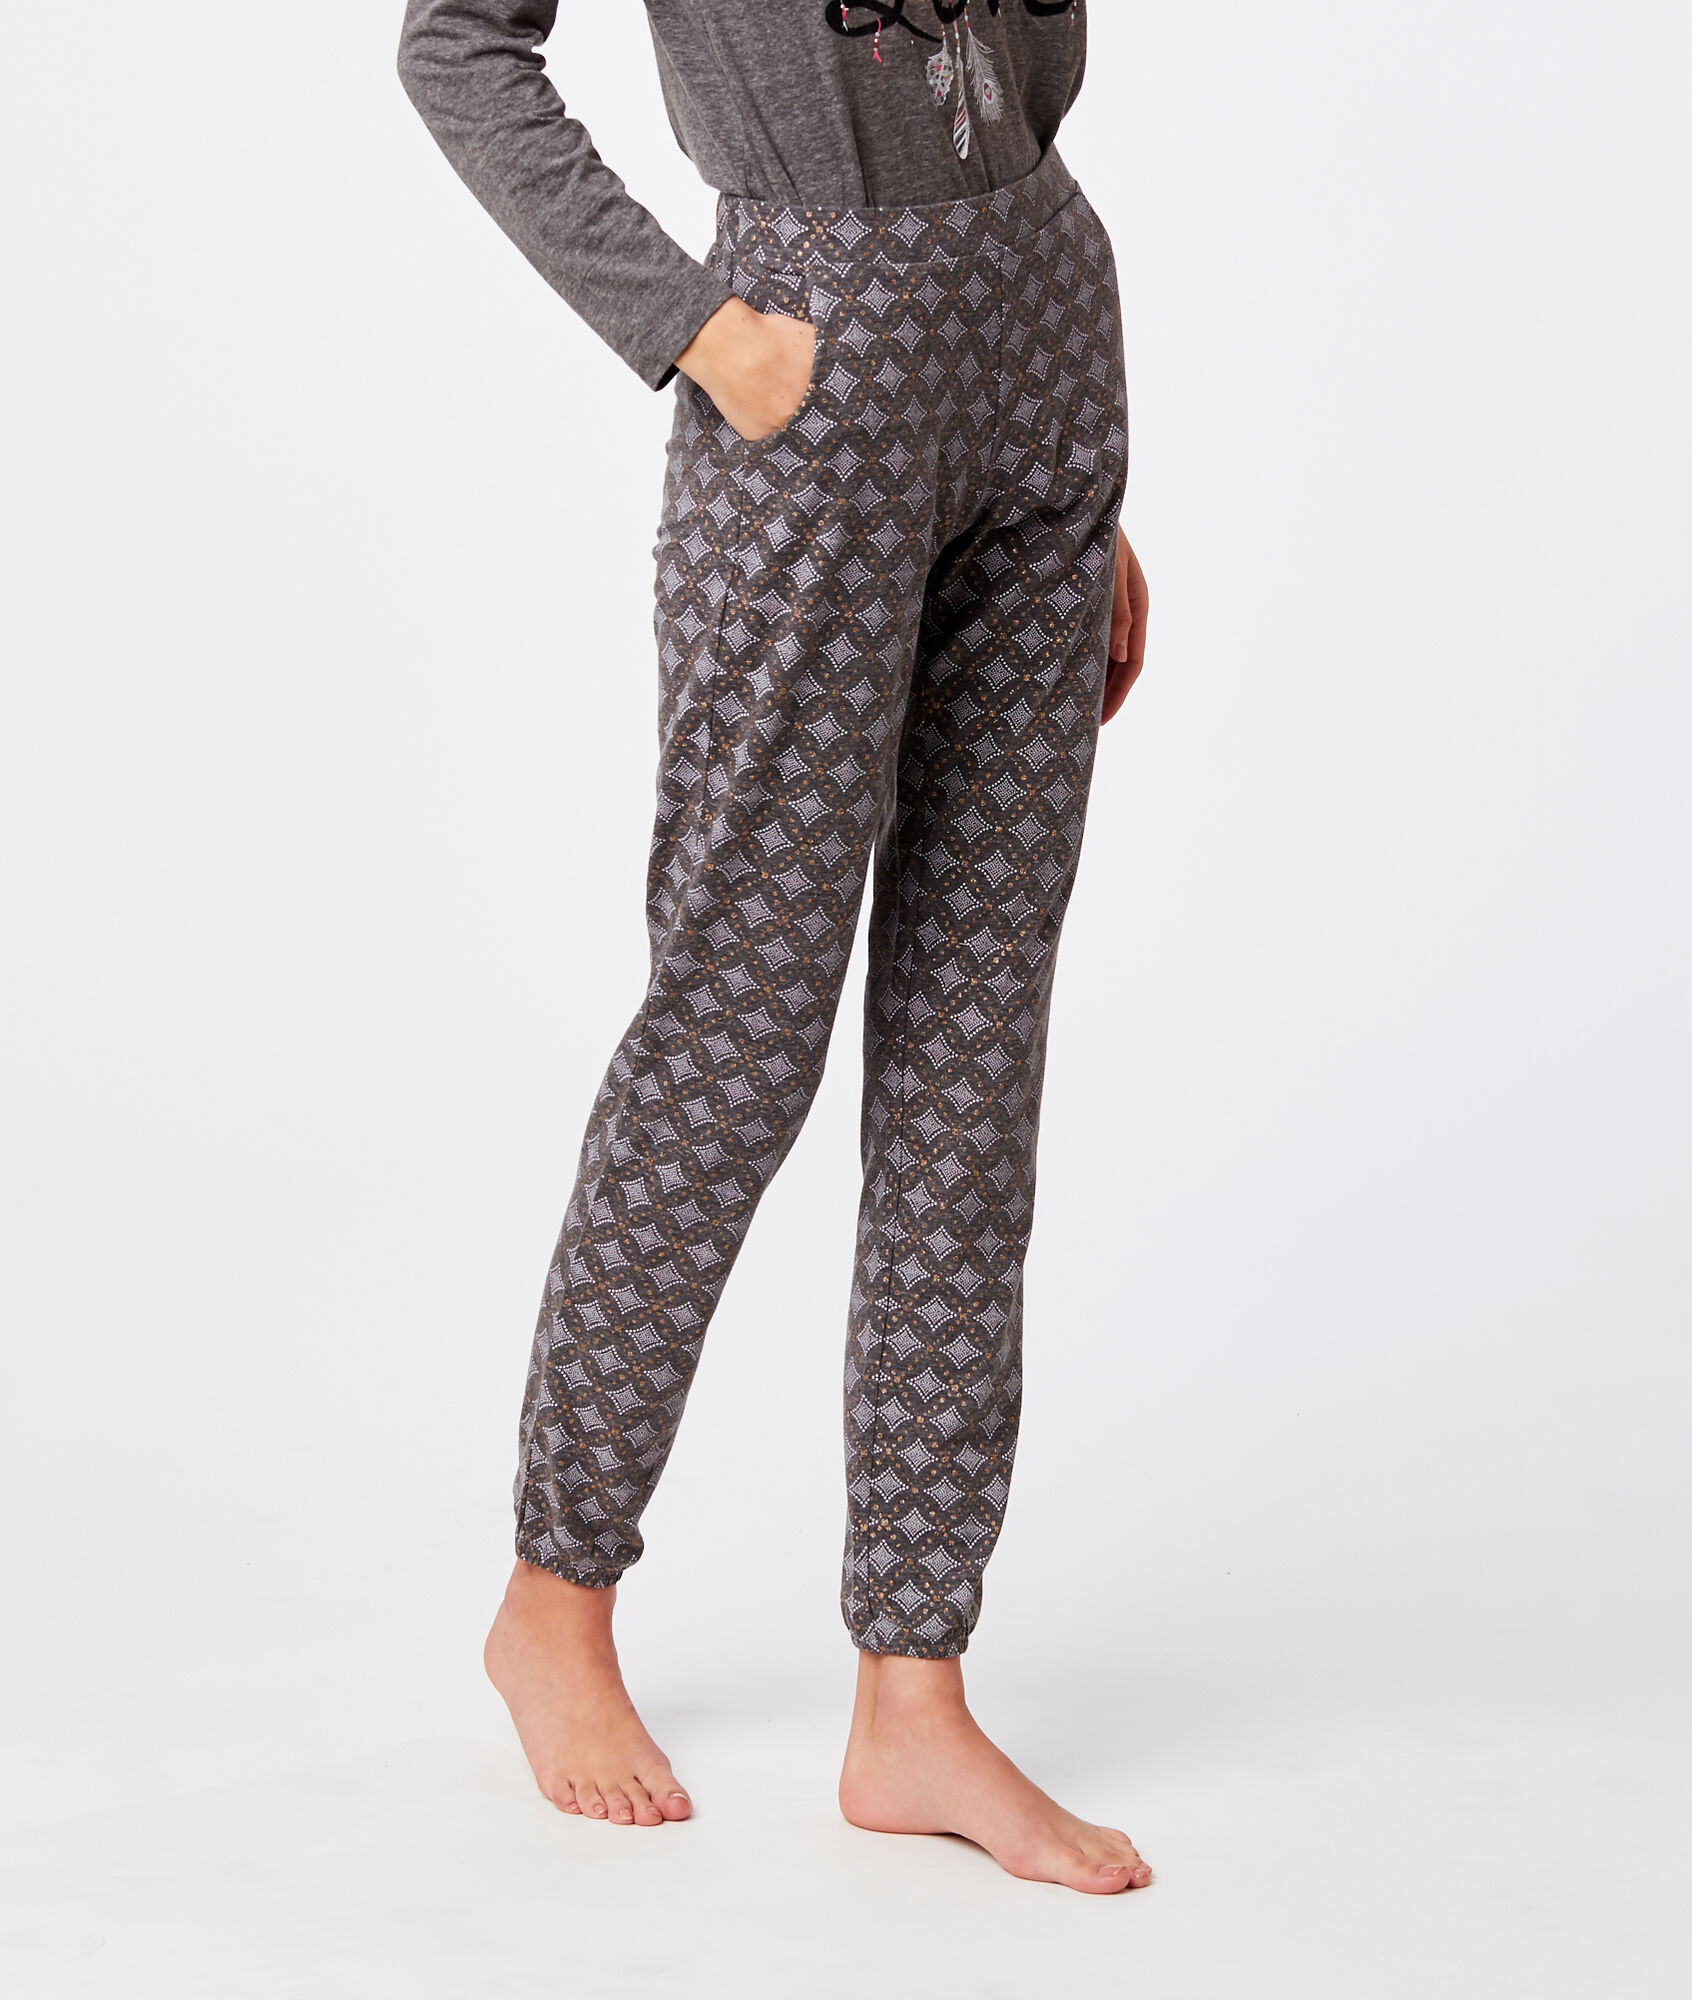 Wzorzyste spodnie - TADILA